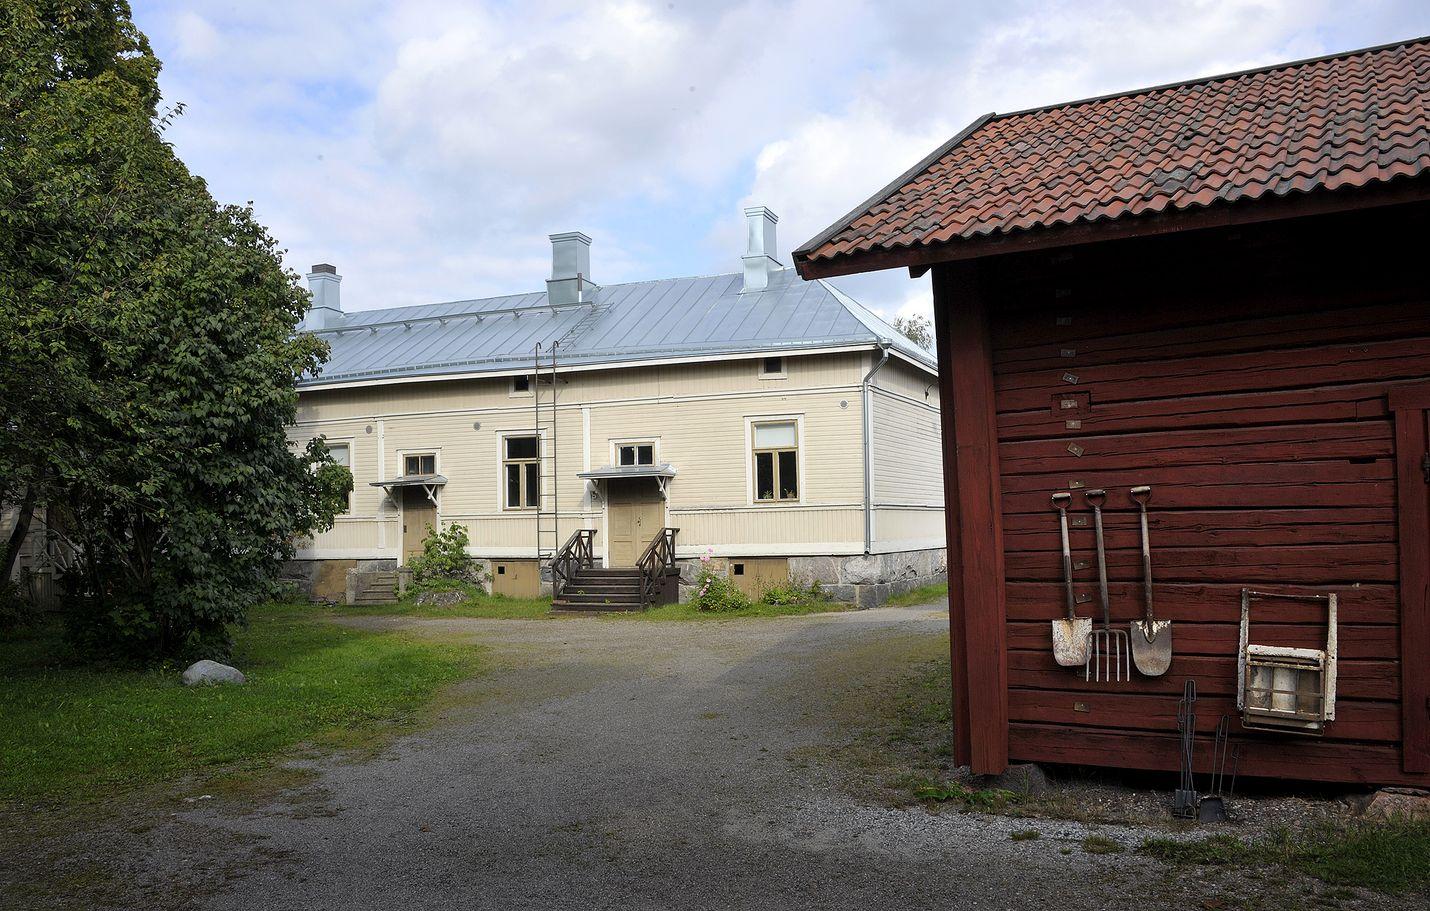 Korjausrakentamiskeskus Tammelan kesäkausi on käynnistynyt. Kuva: LS-arkisto/Juha Sinisalo